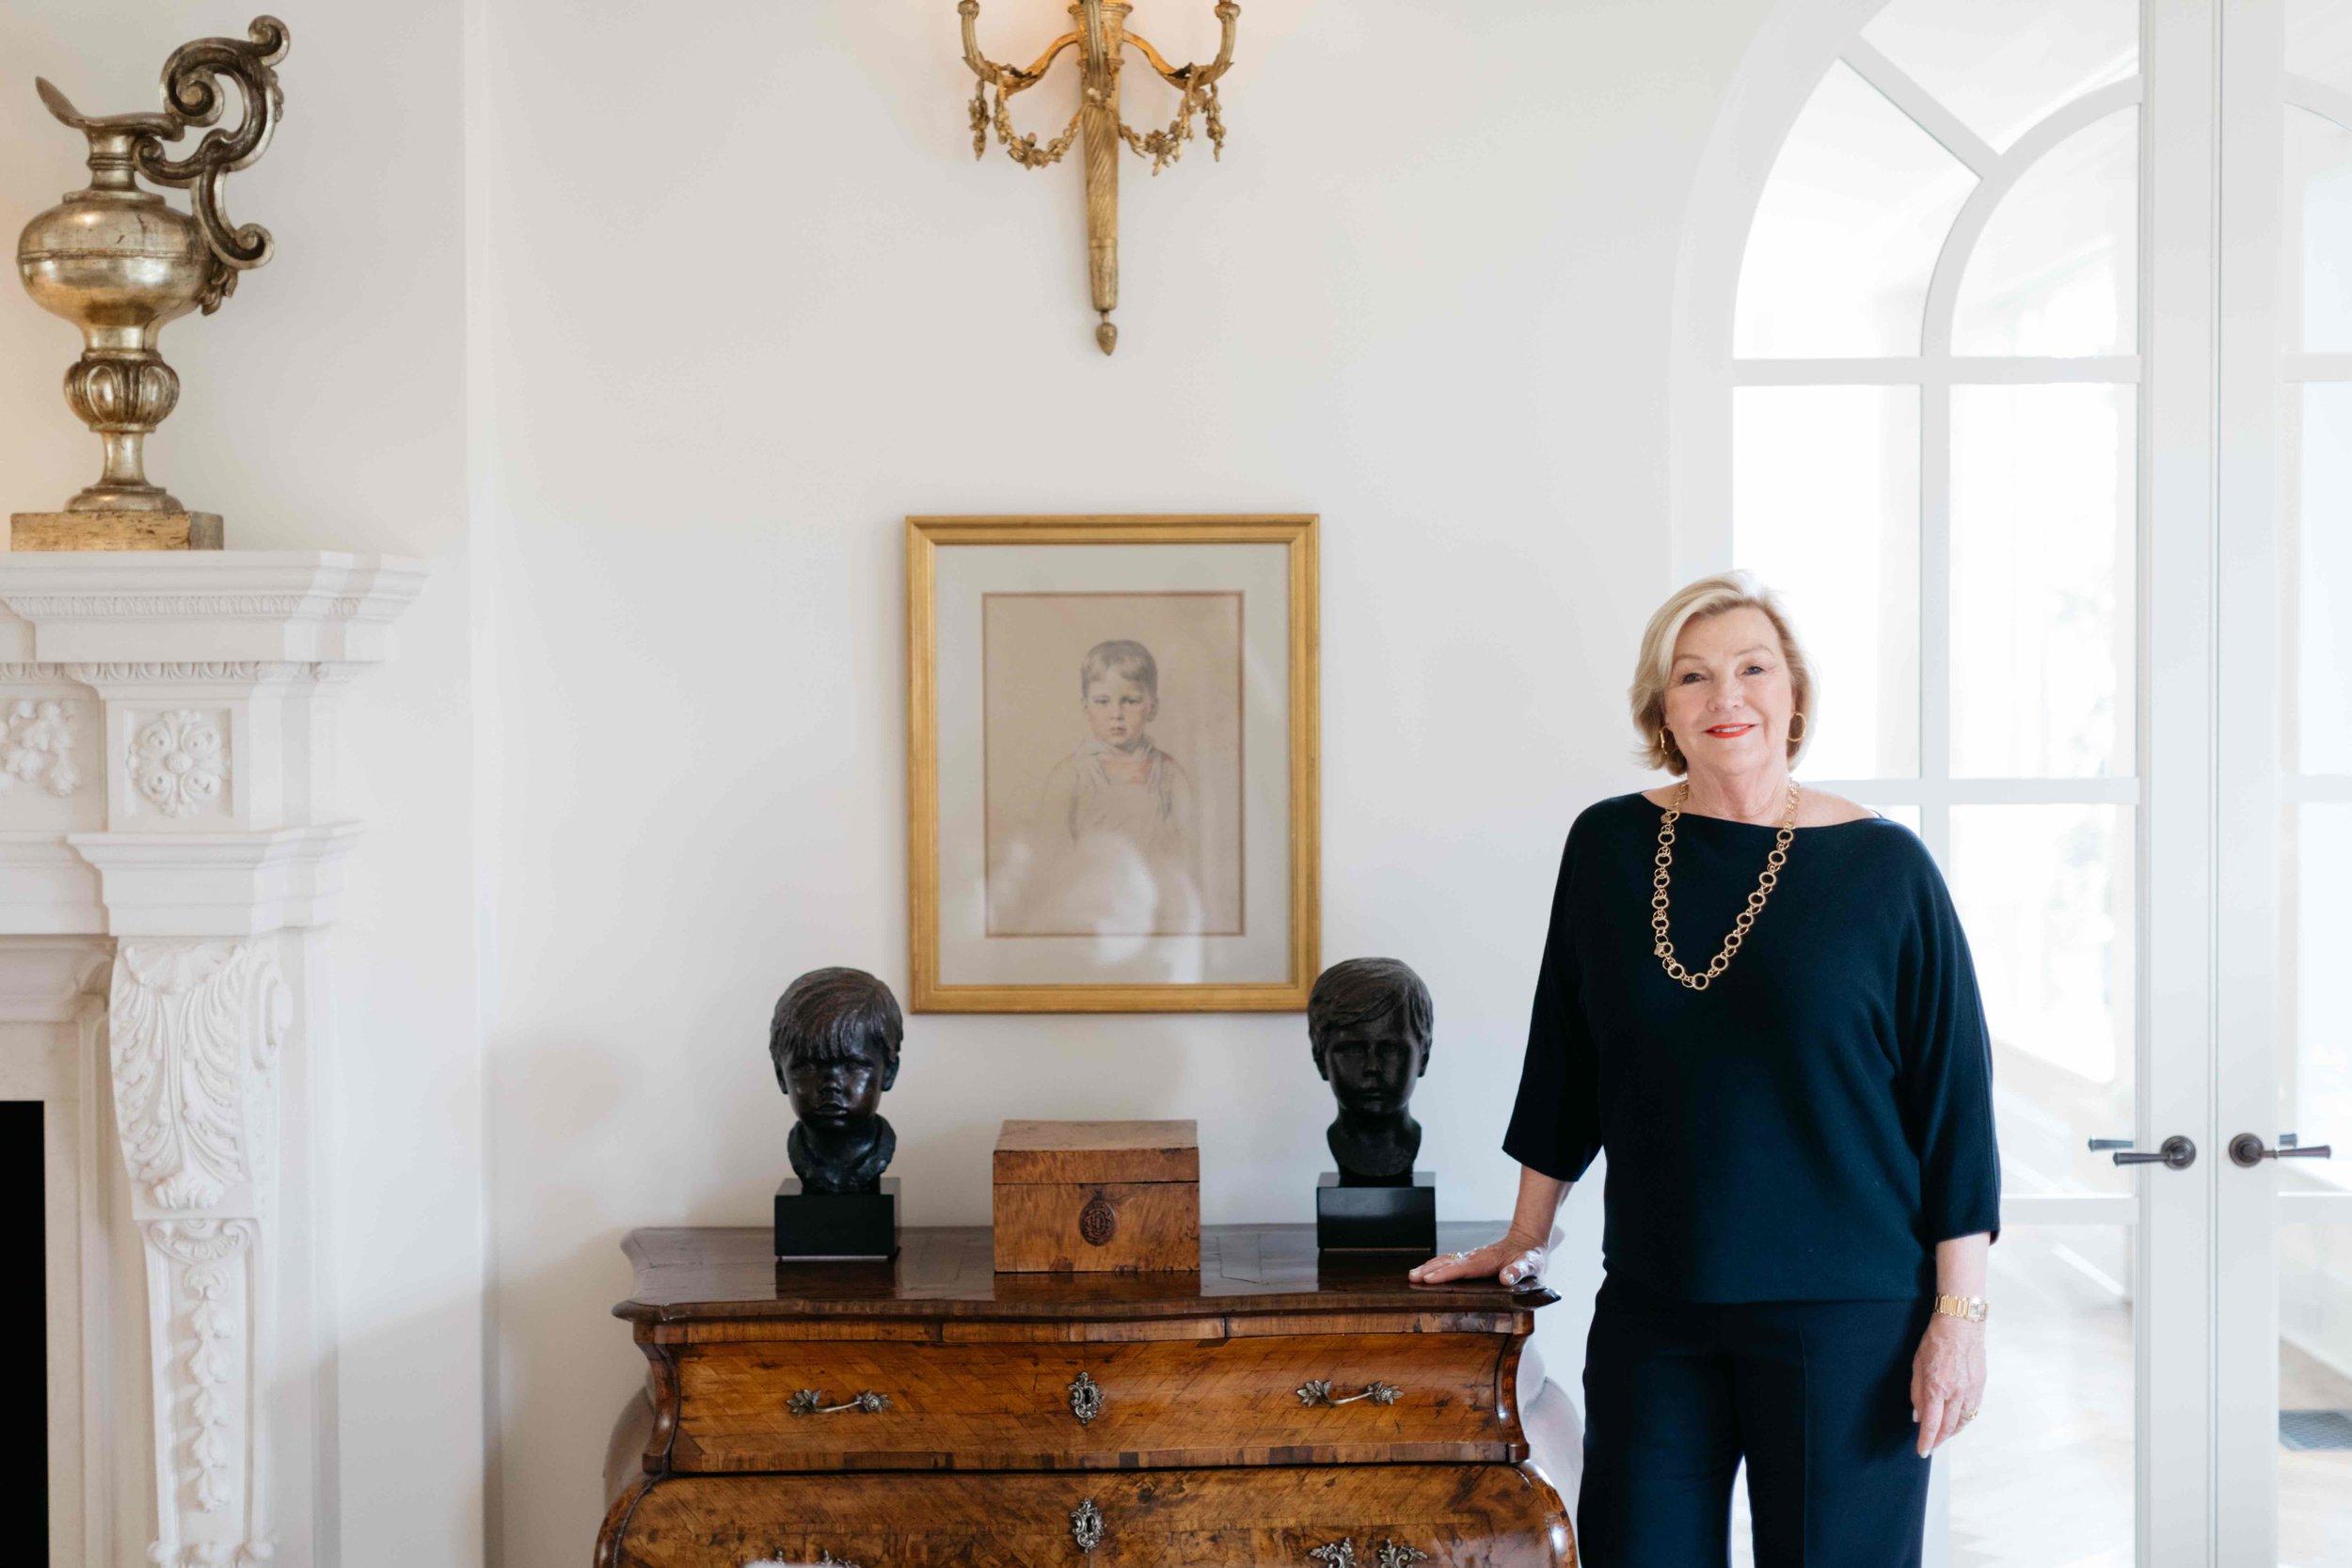 PURE member Perri Harcourt at her home in Santa Barbara, California.